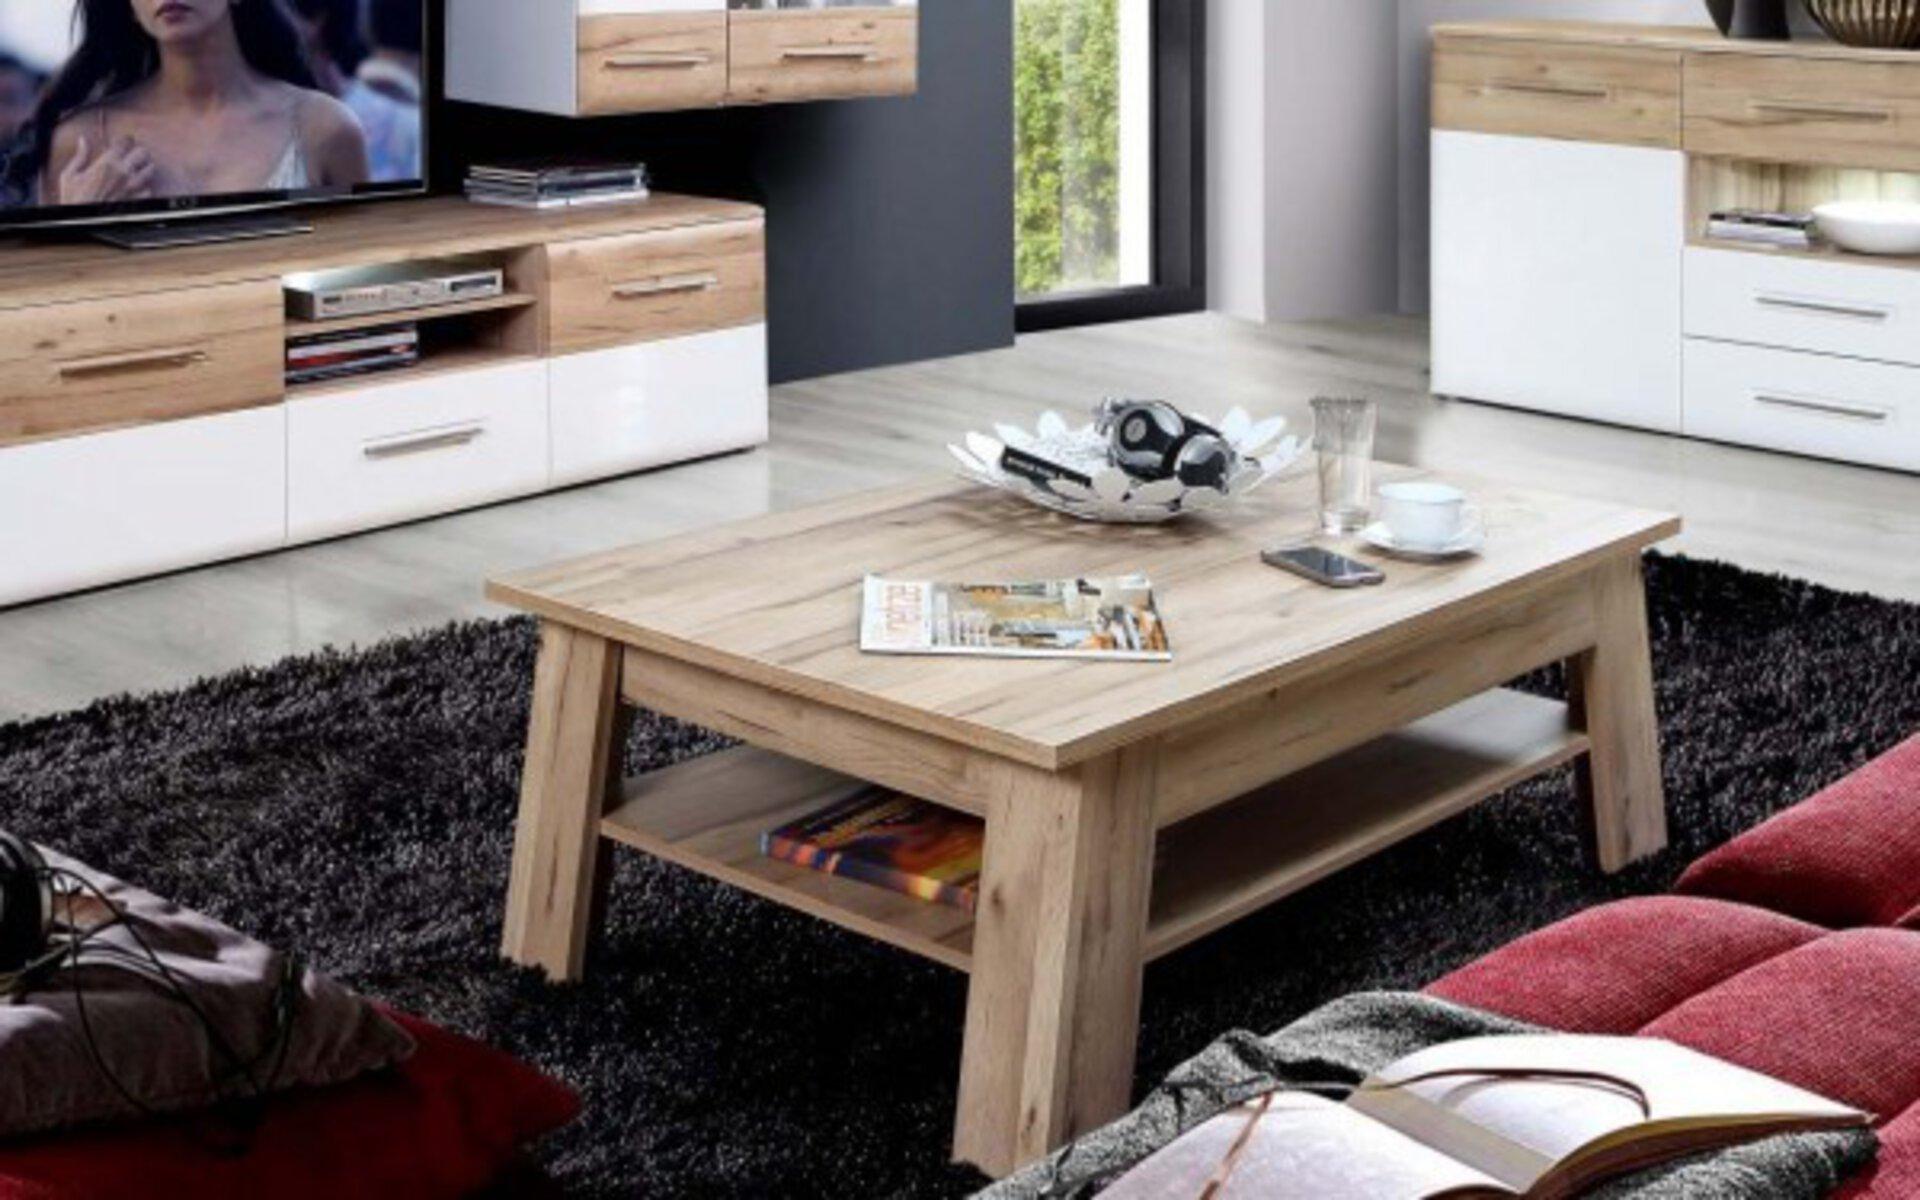 Beistelltisch CARTAGO LIV'IN Holzwerkstoff mehrfarbig 1 x 1 cm